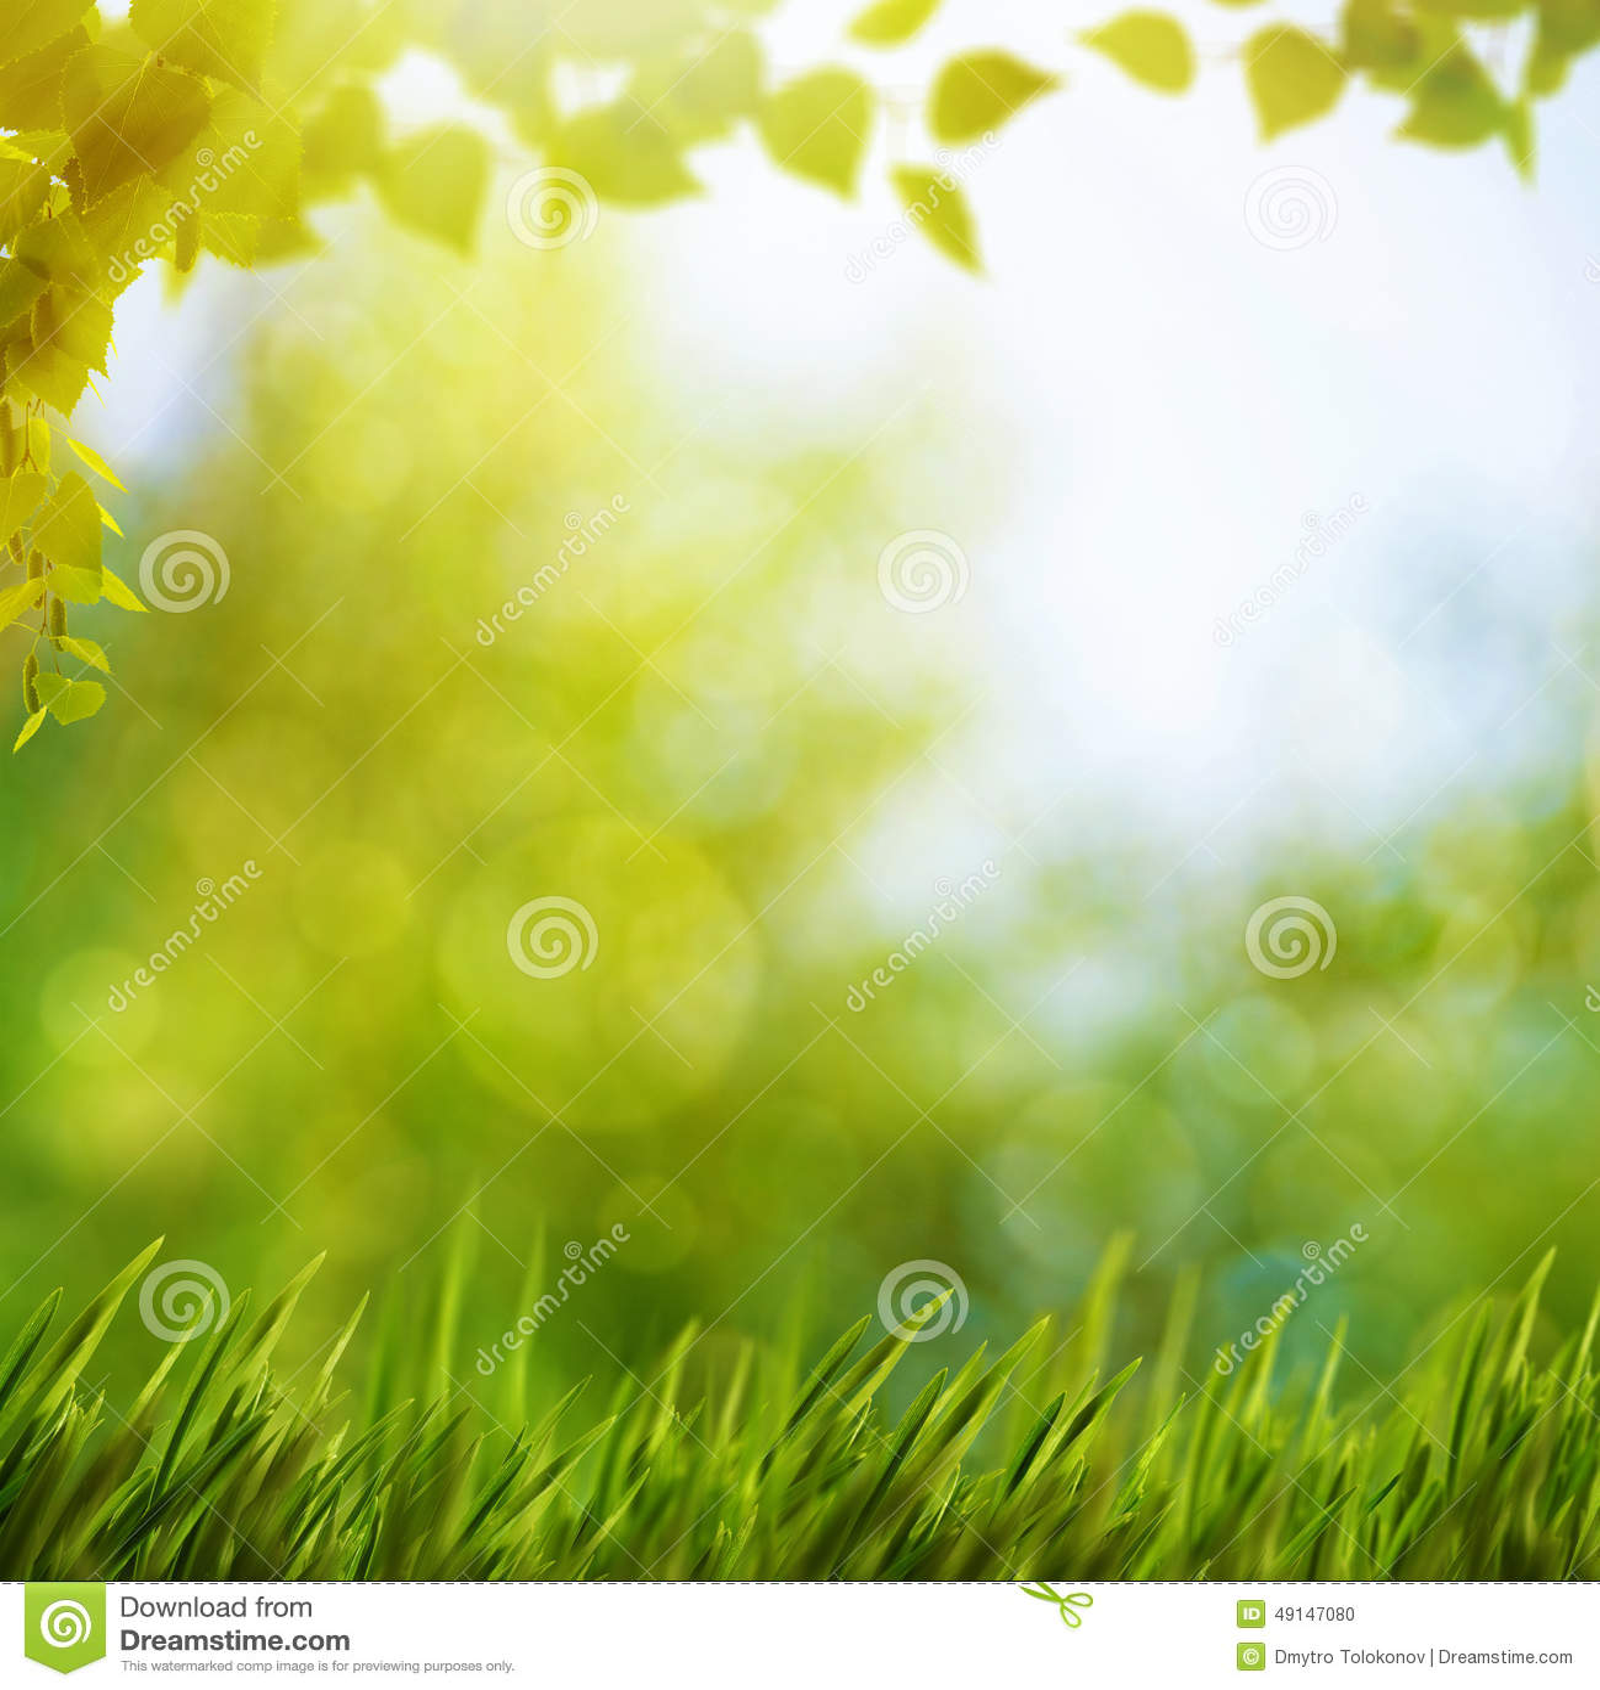 Fondos naturales abstractos con follaje del verano